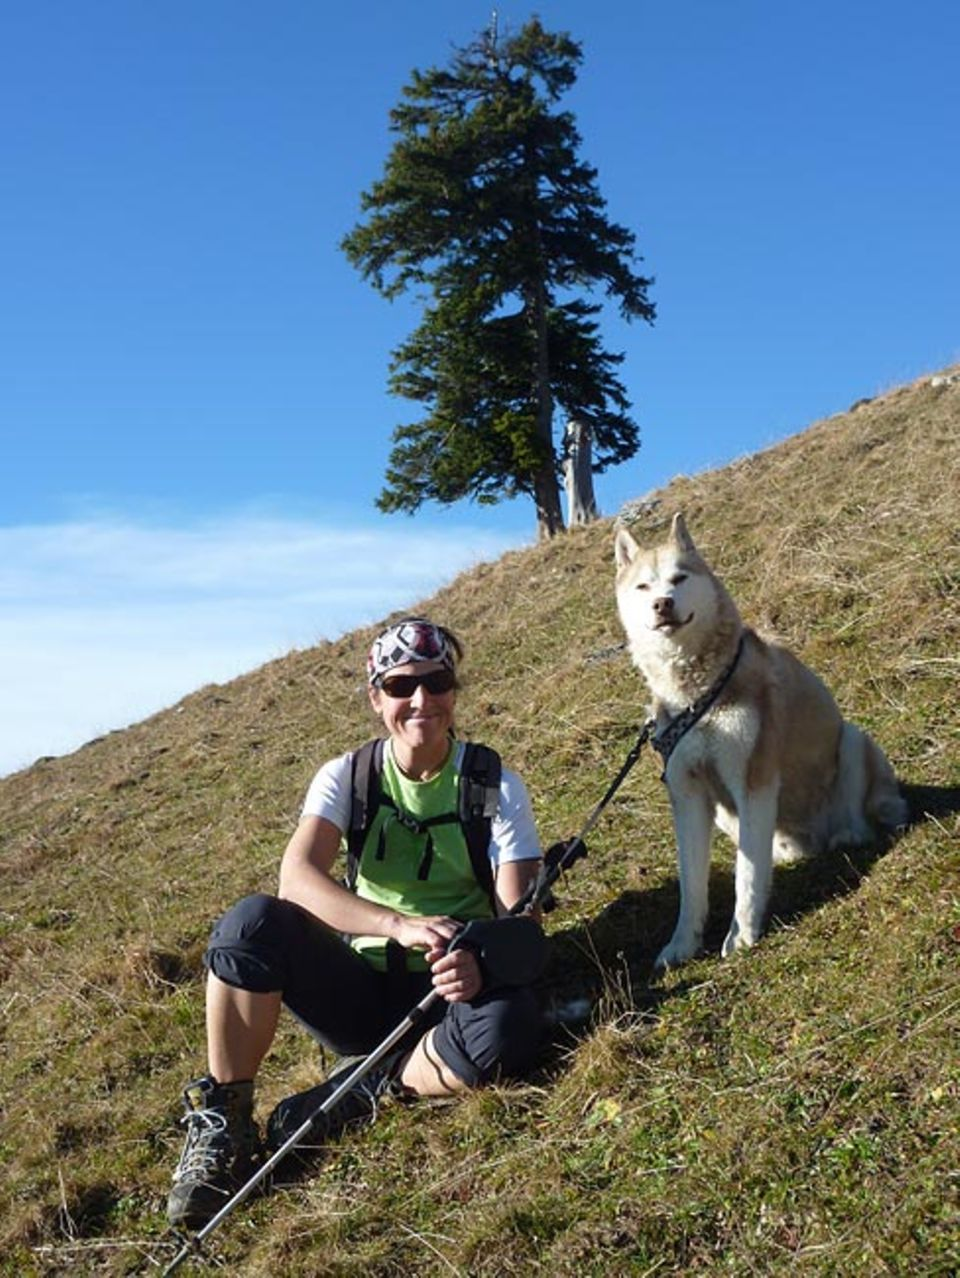 Dorothea Boss genießt die Ruhe am Berg mit ihrem Hund Silver Blue